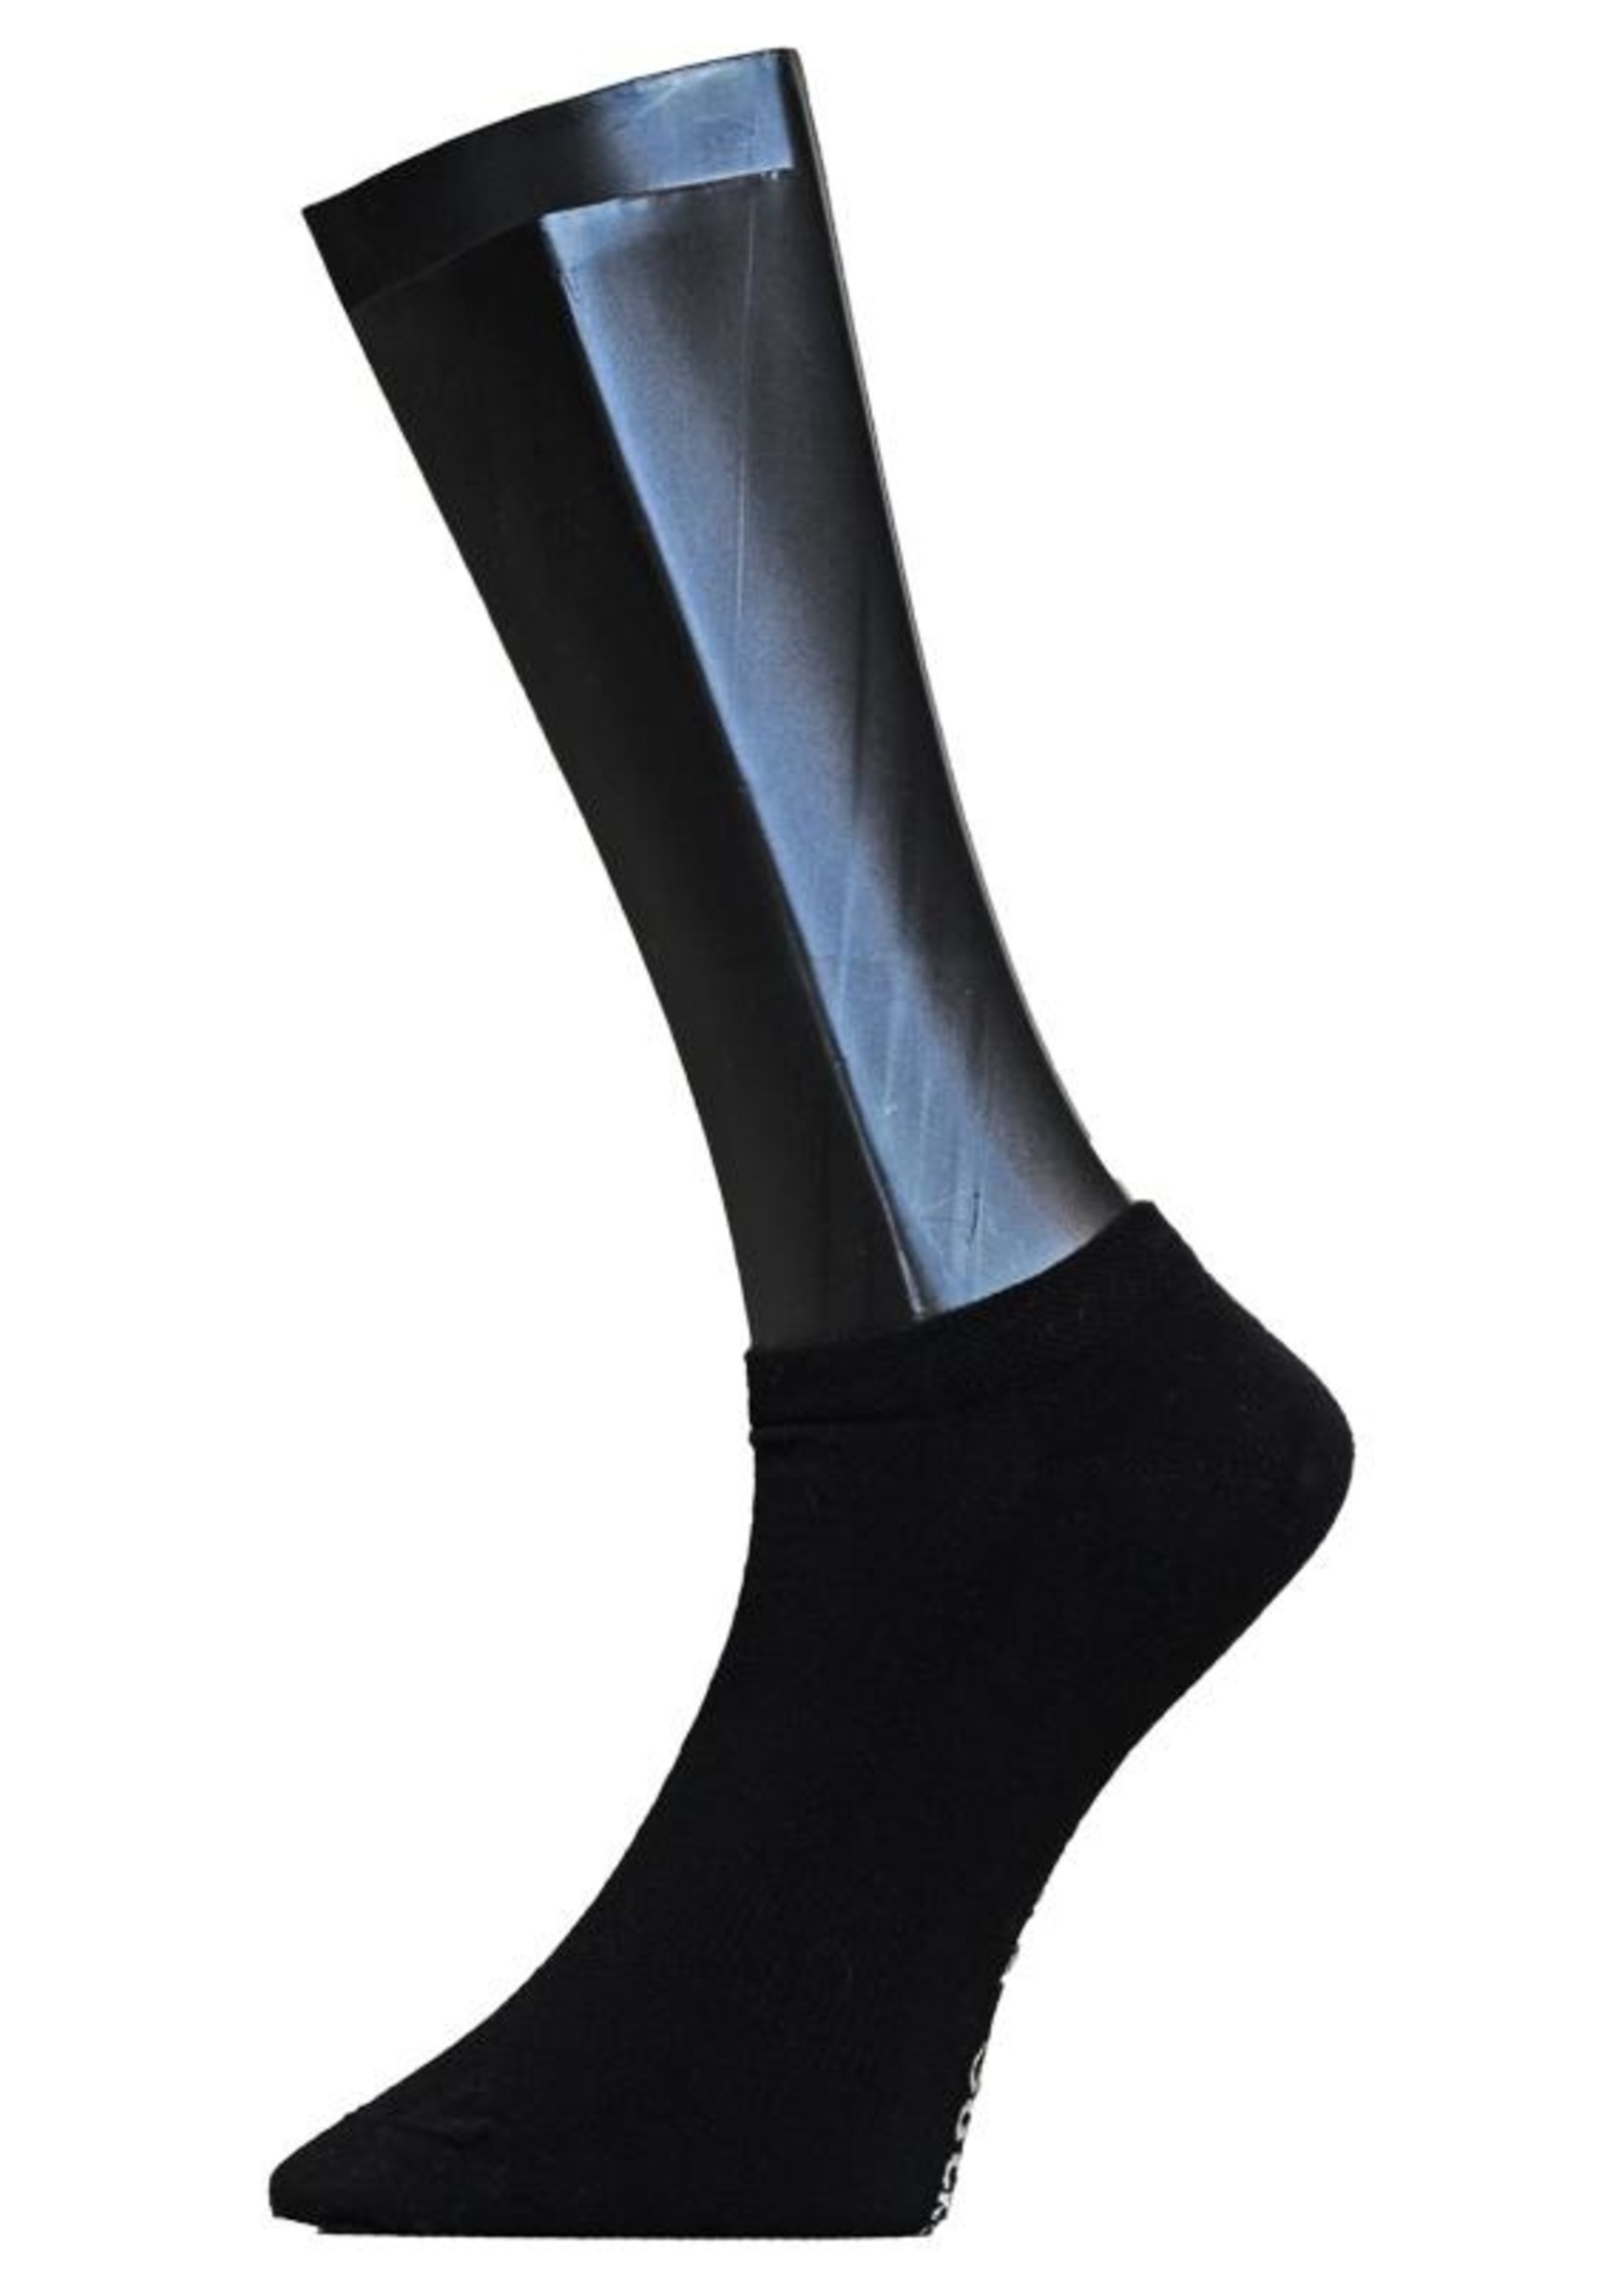 Sneaker fijn - Zwart (2 paar)